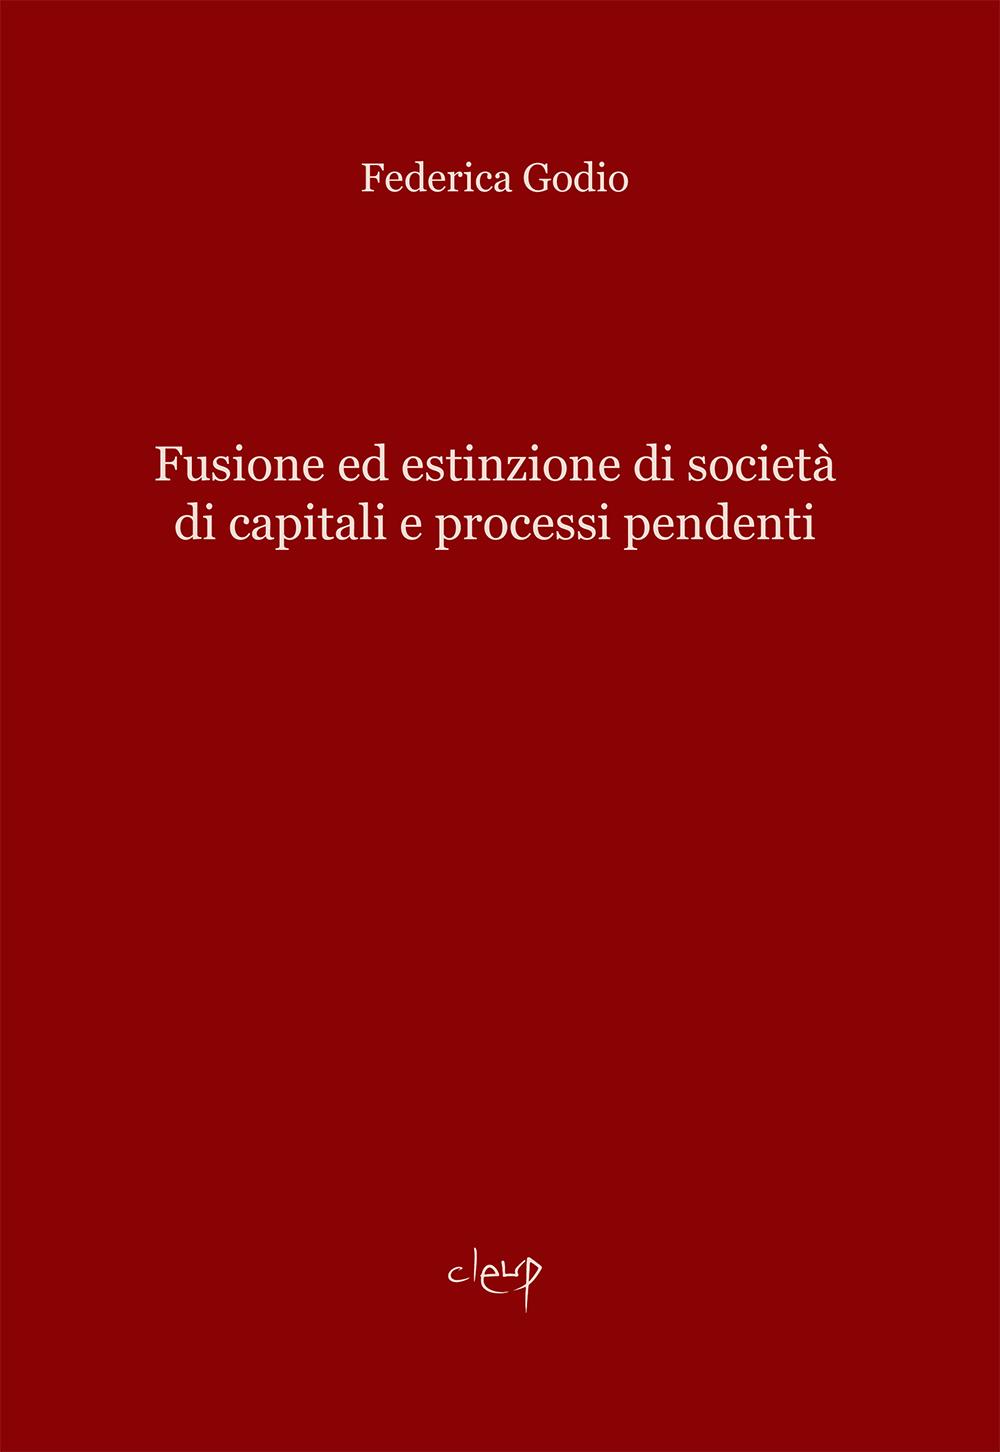 Fusione ed estinzione di società di capitali e processi pendenti